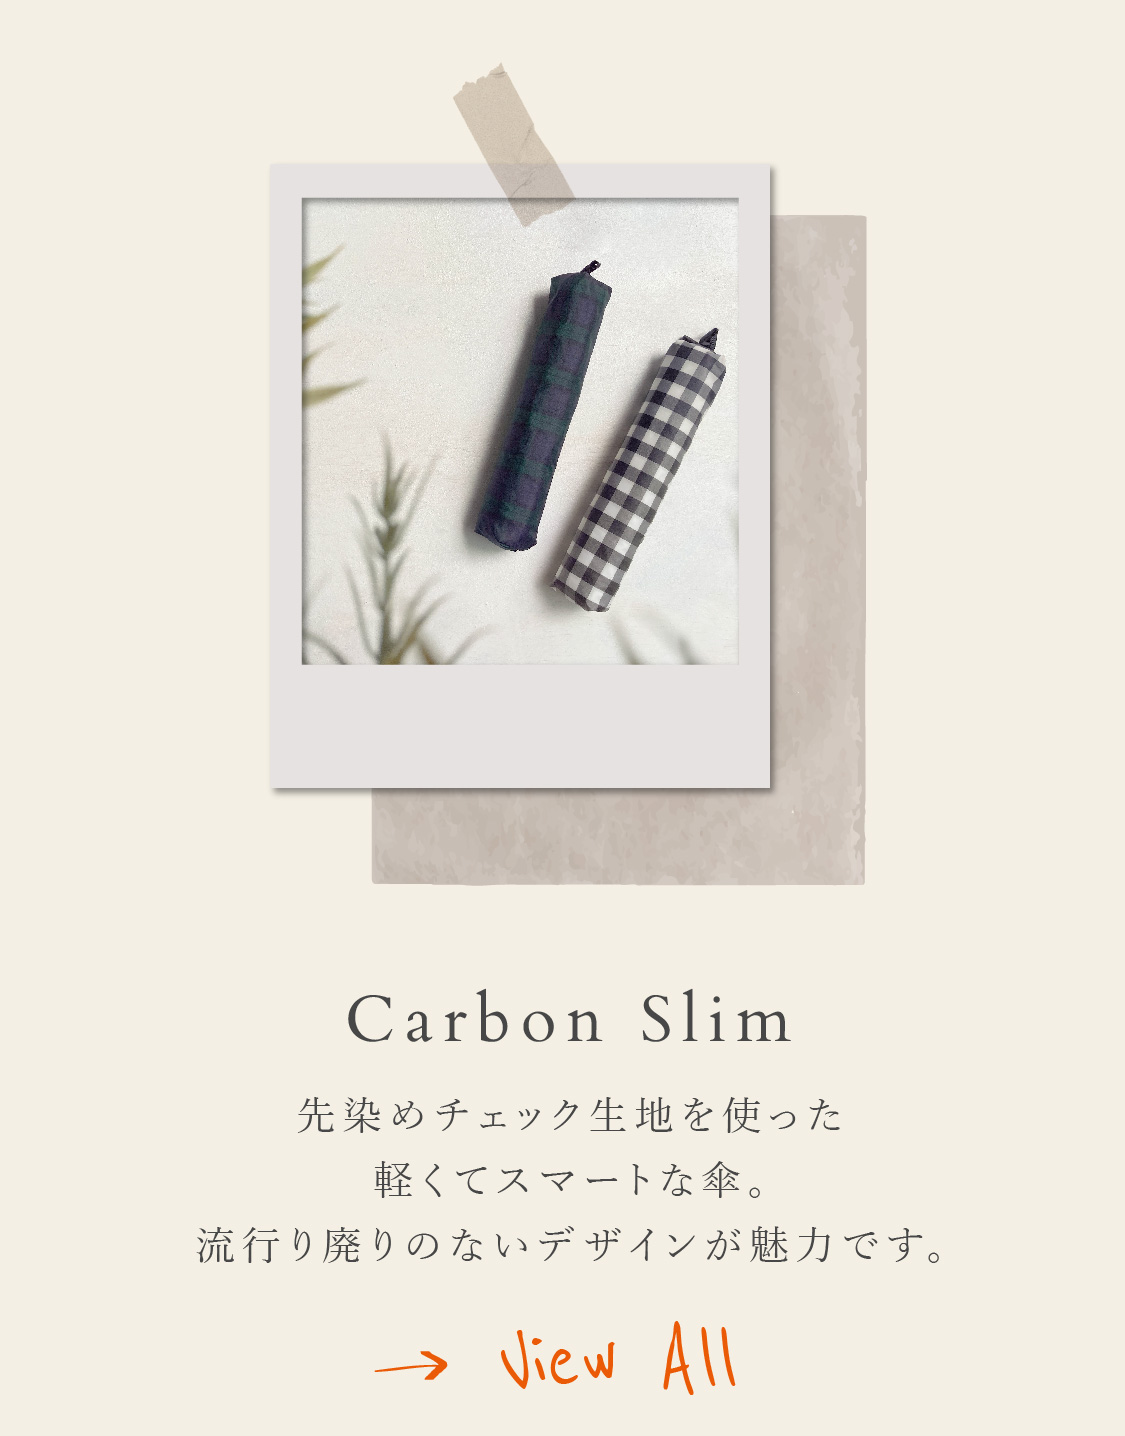 CarbonSlim